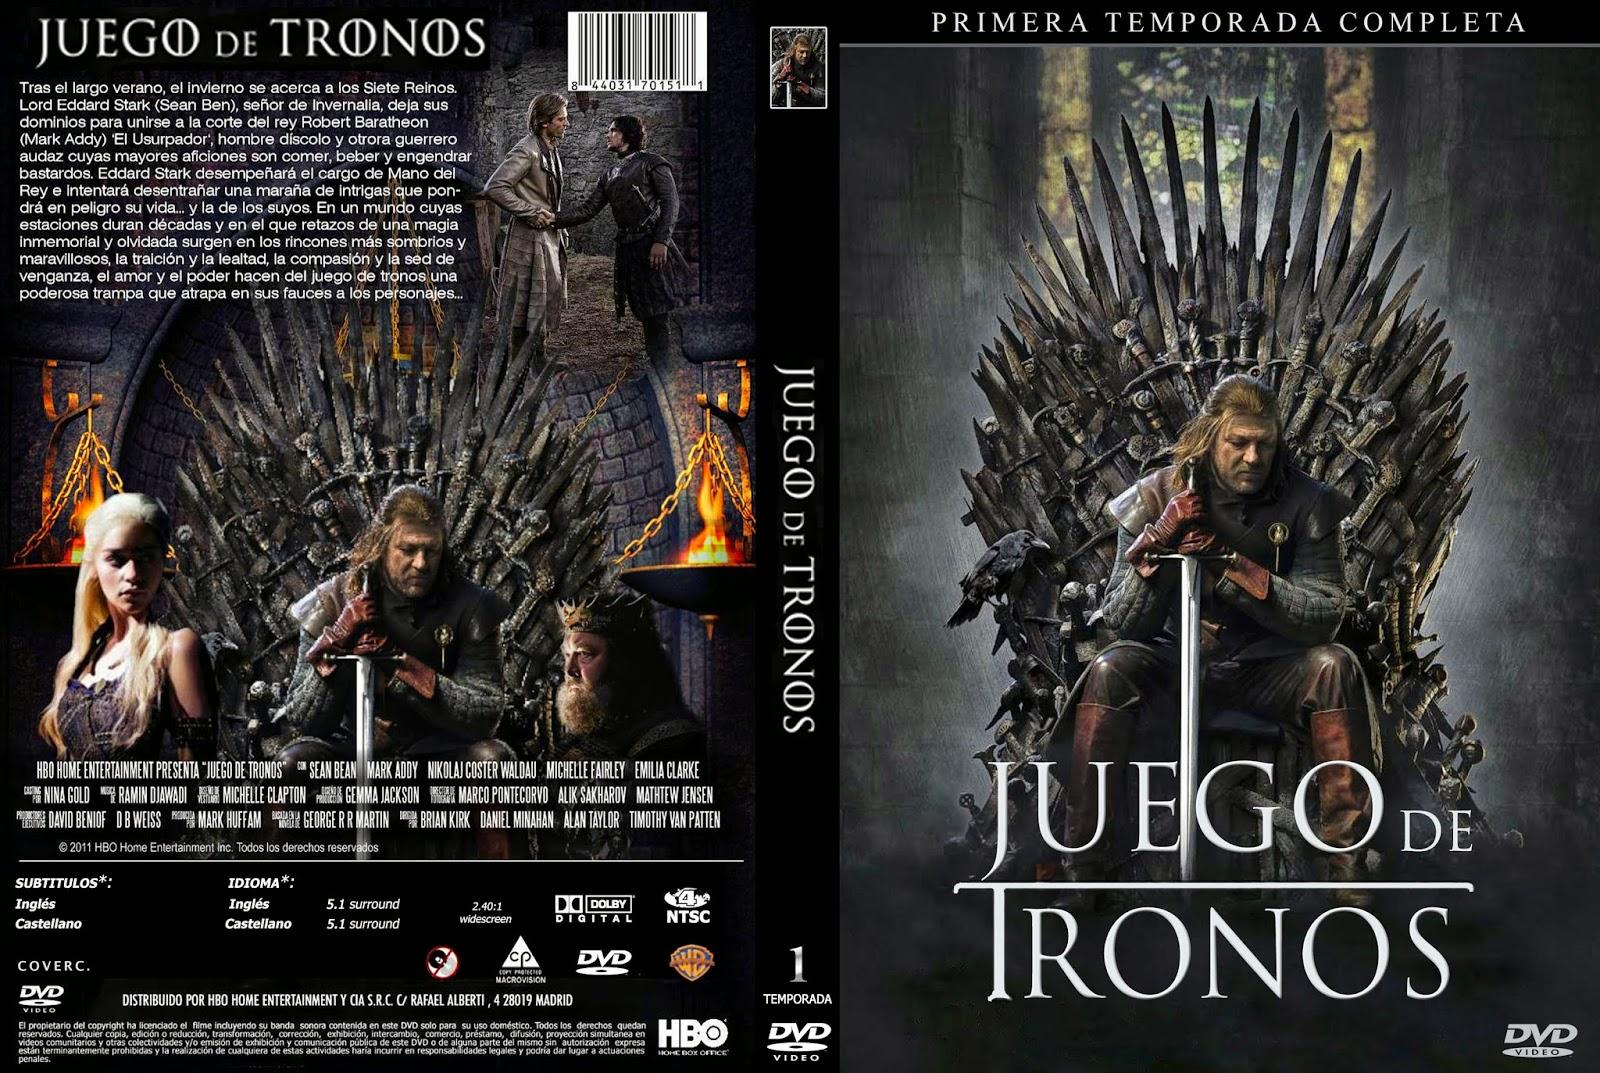 Juego De Tronos Temporada 1 Descargar Utorrent Exporta Fácil